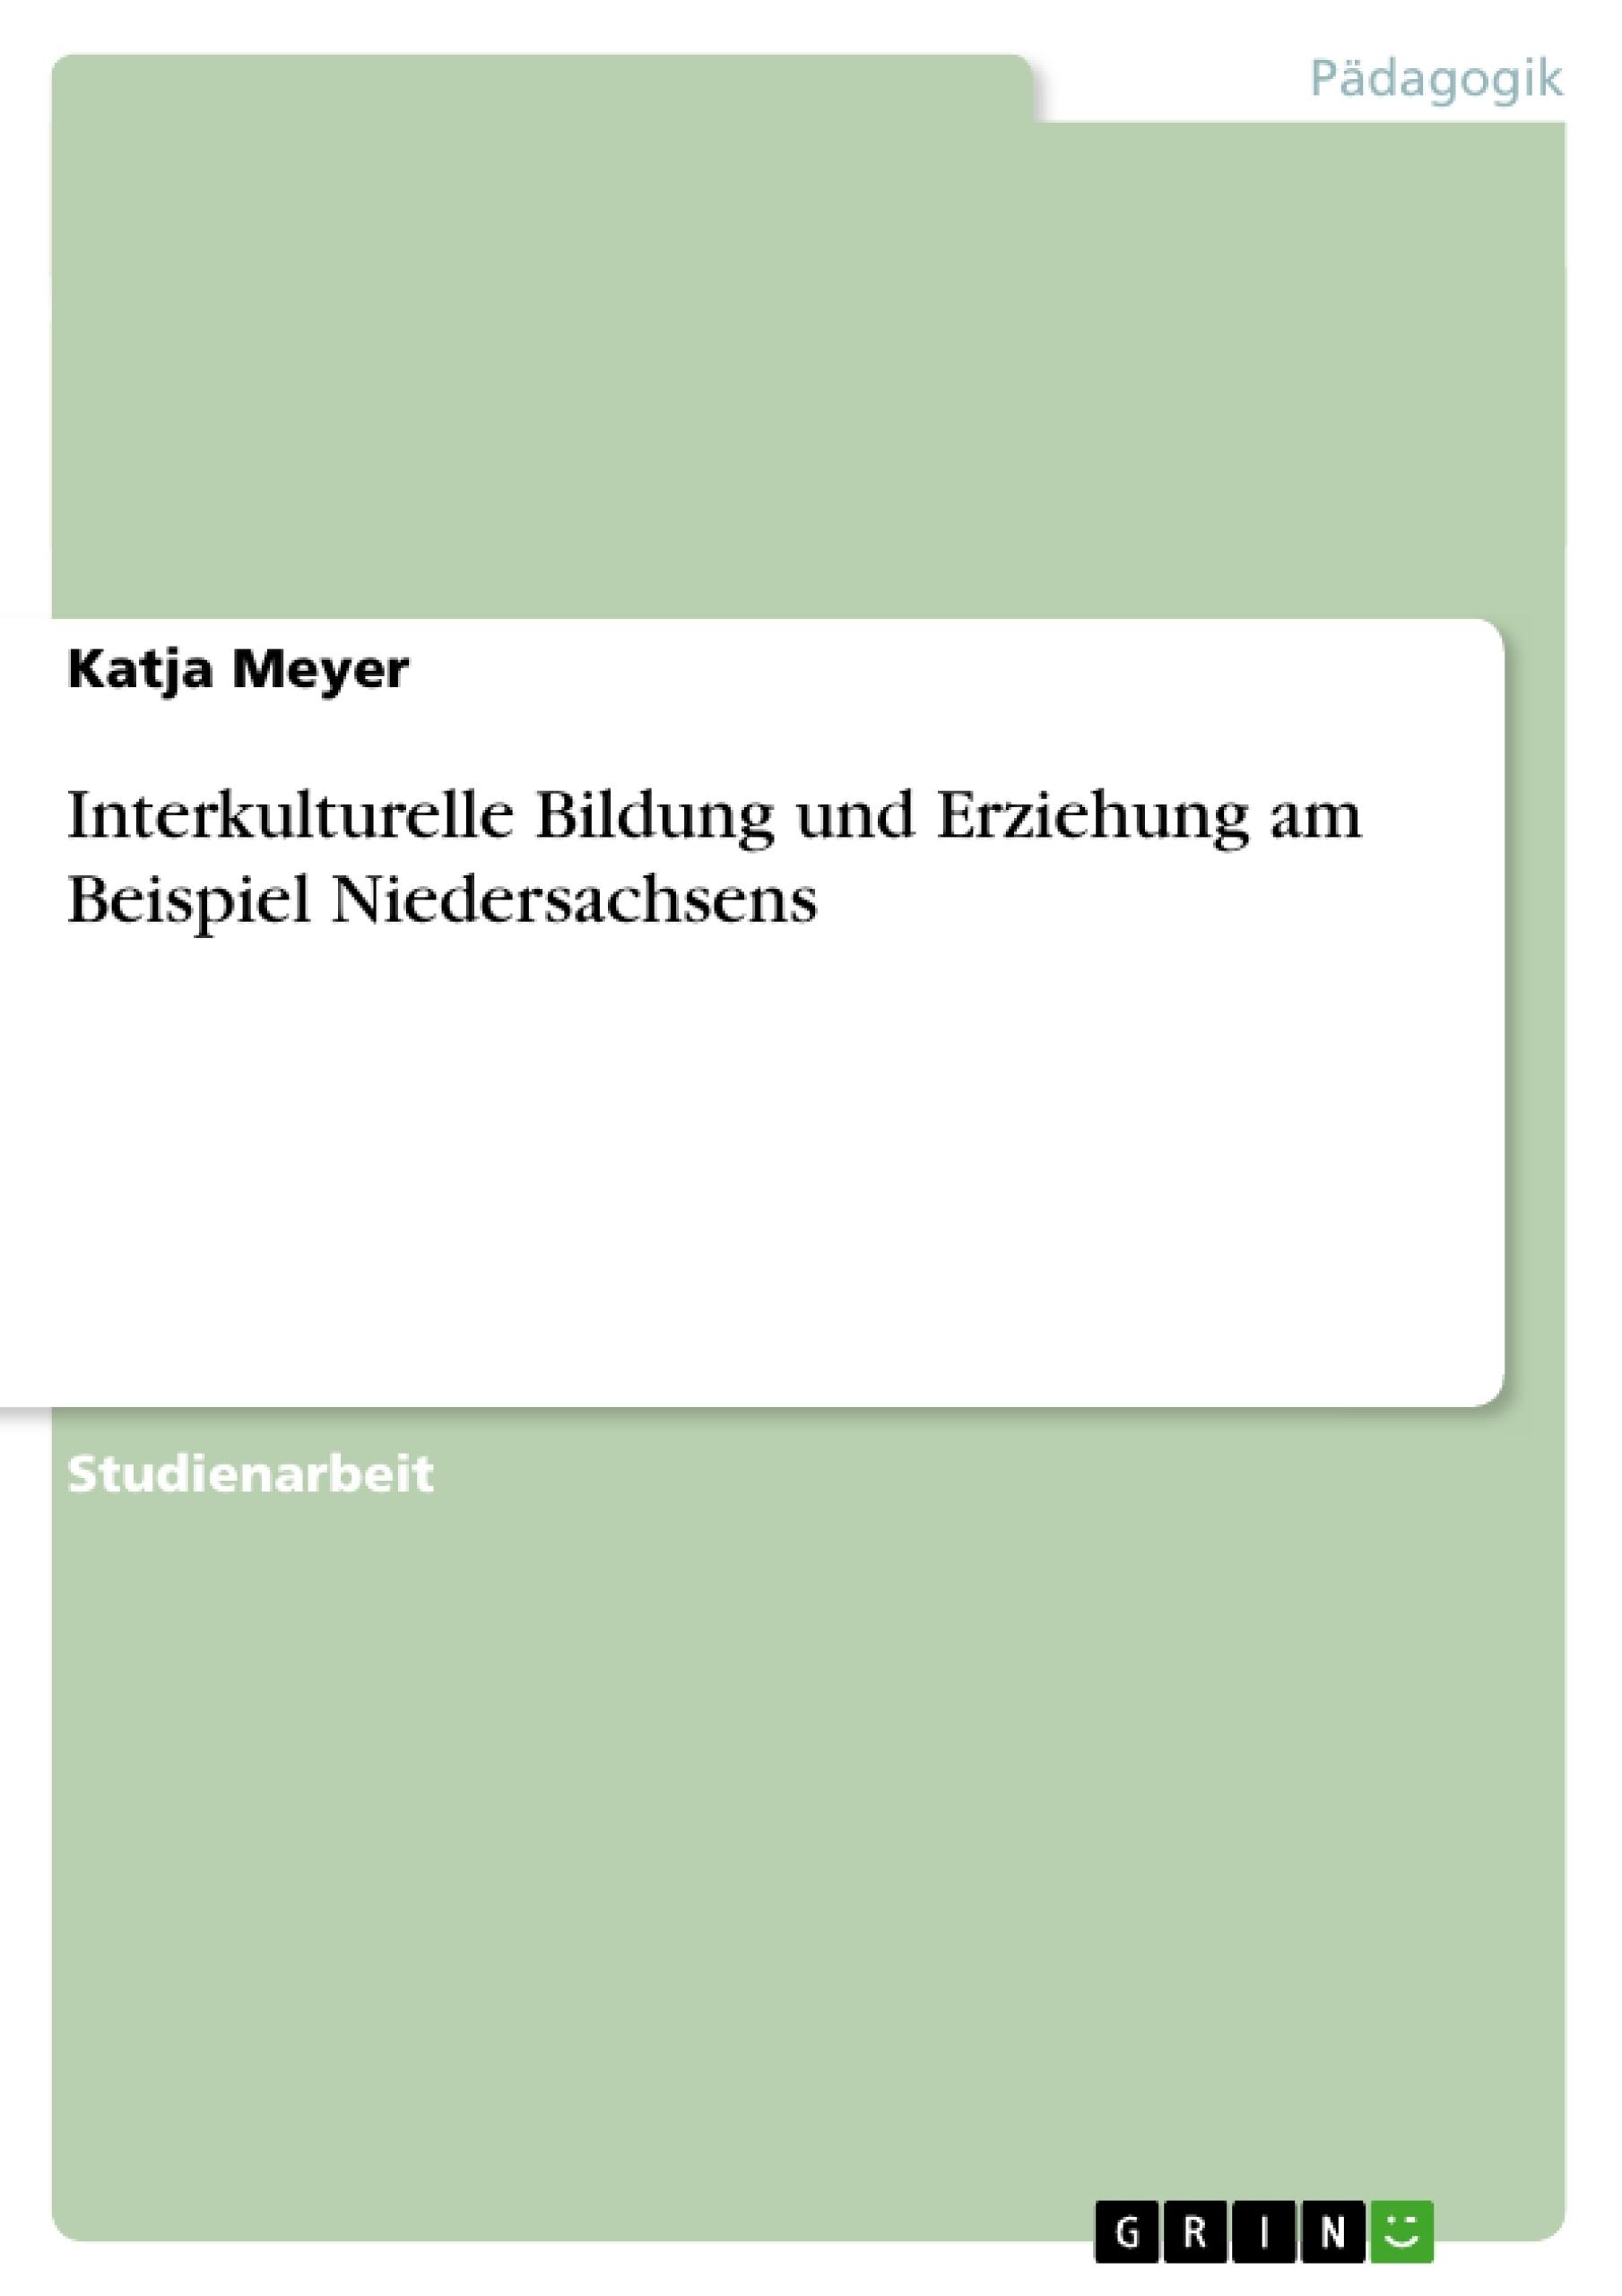 Titel: Interkulturelle Bildung und Erziehung am Beispiel Niedersachsens